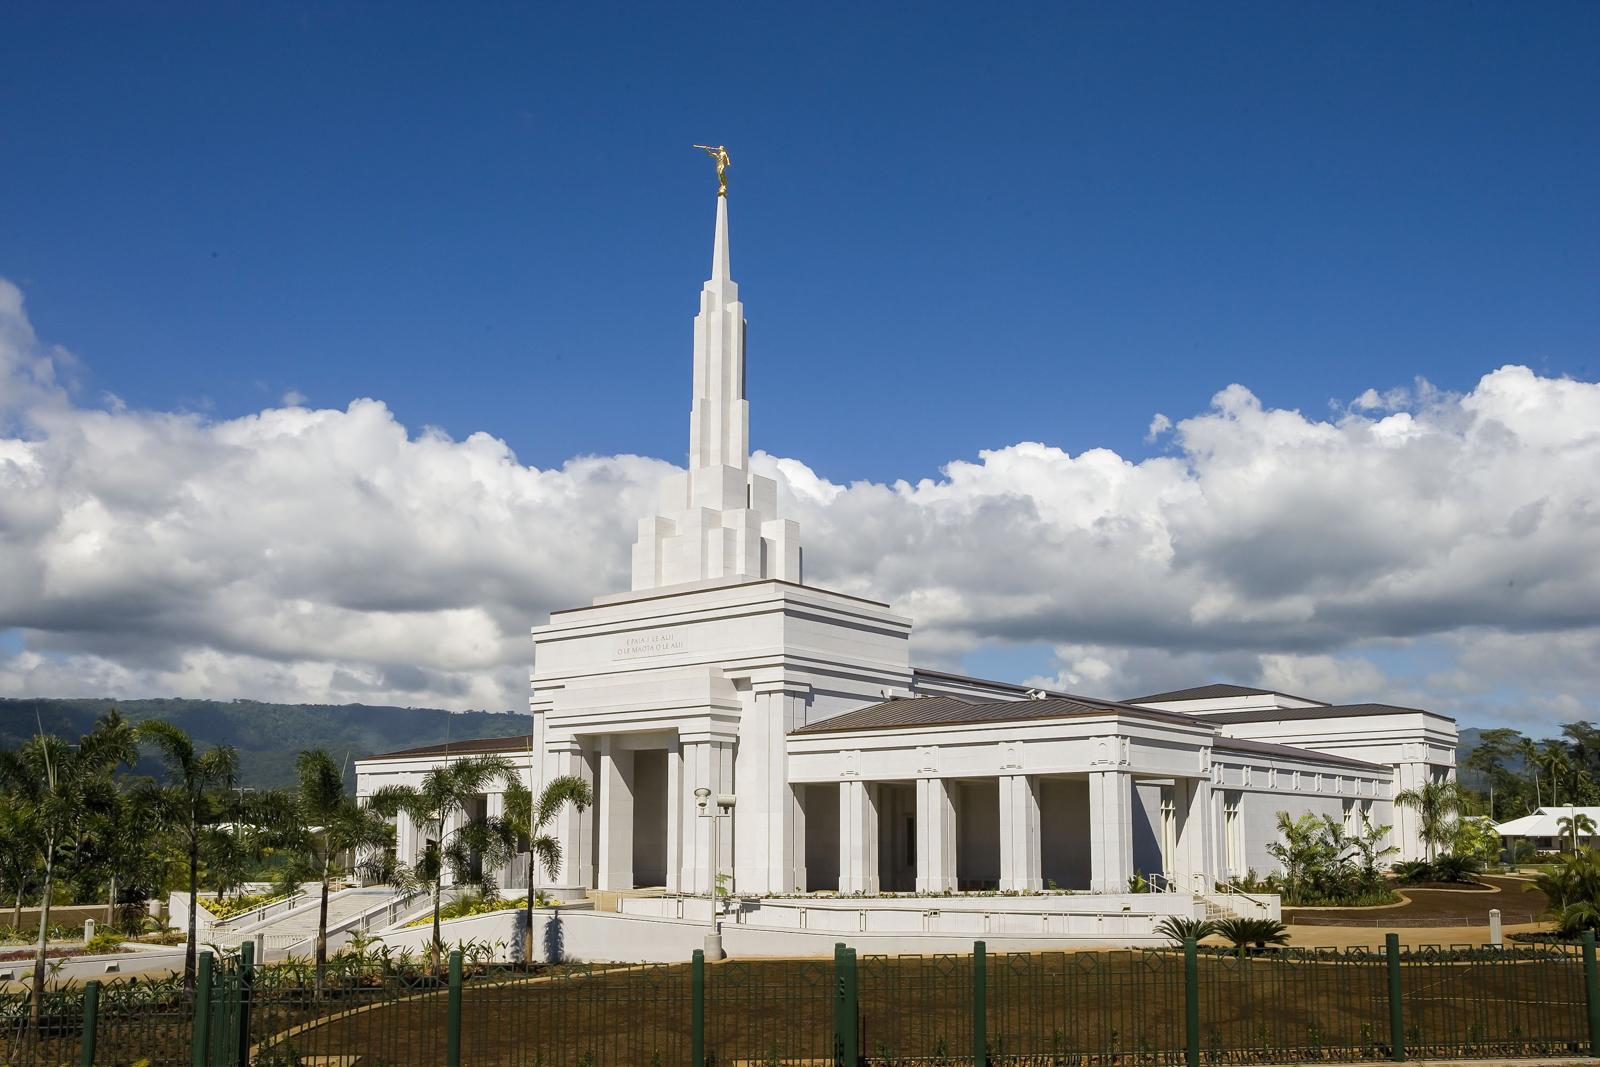 Apia Samoa LDS Temple